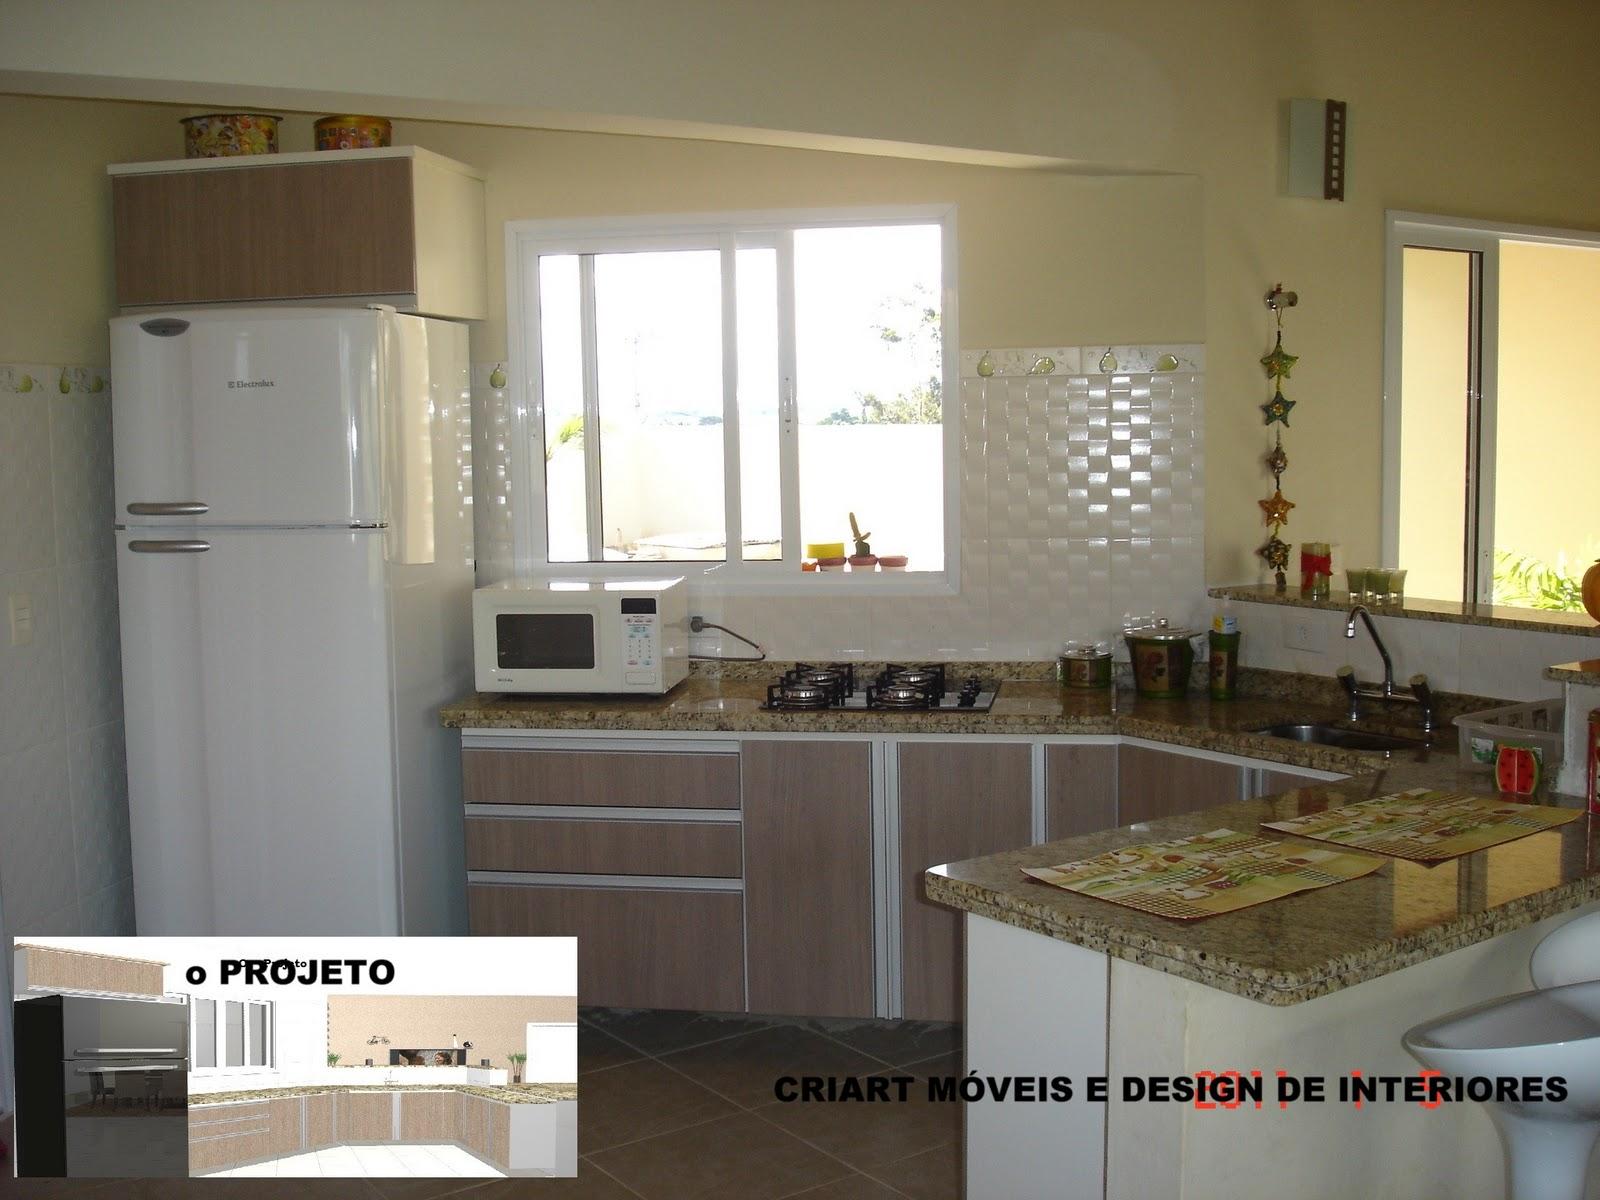 salas de jantar cooktops coifas e fornos de diversos fabricantes #8B7940 1600 1200